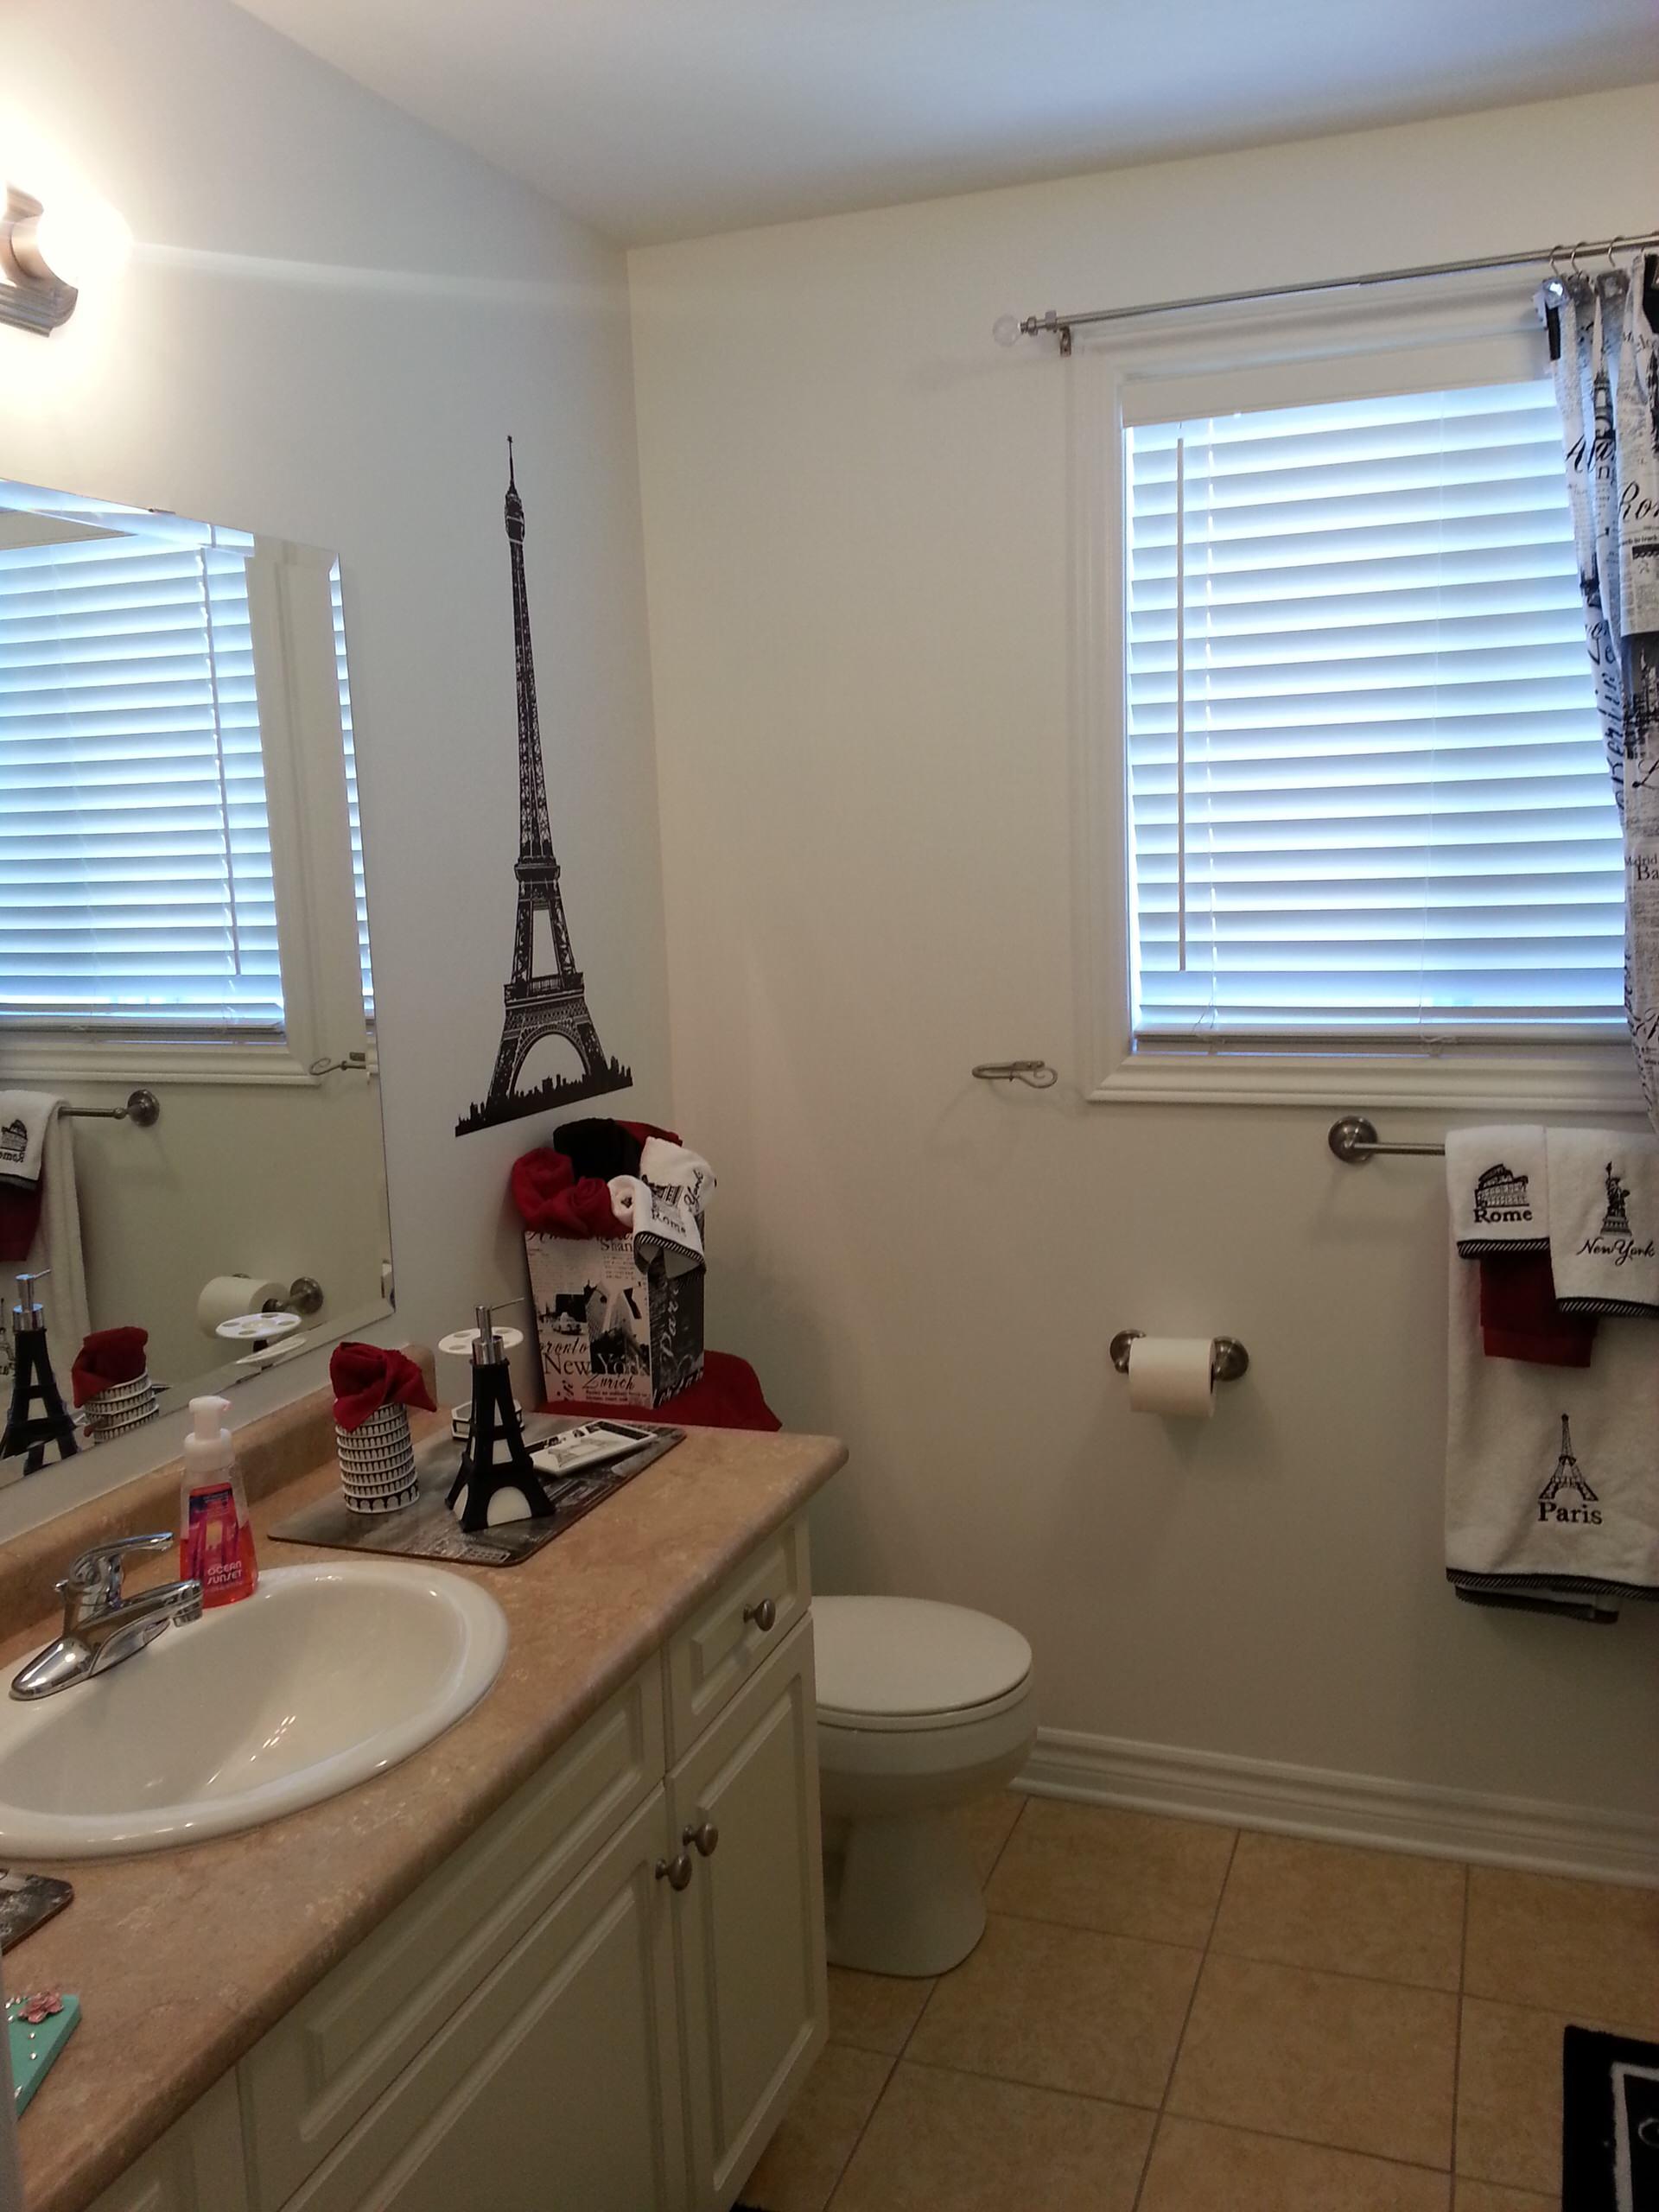 Paris Themed Bathroom Houzz, Paris Themed Bathroom Ideas